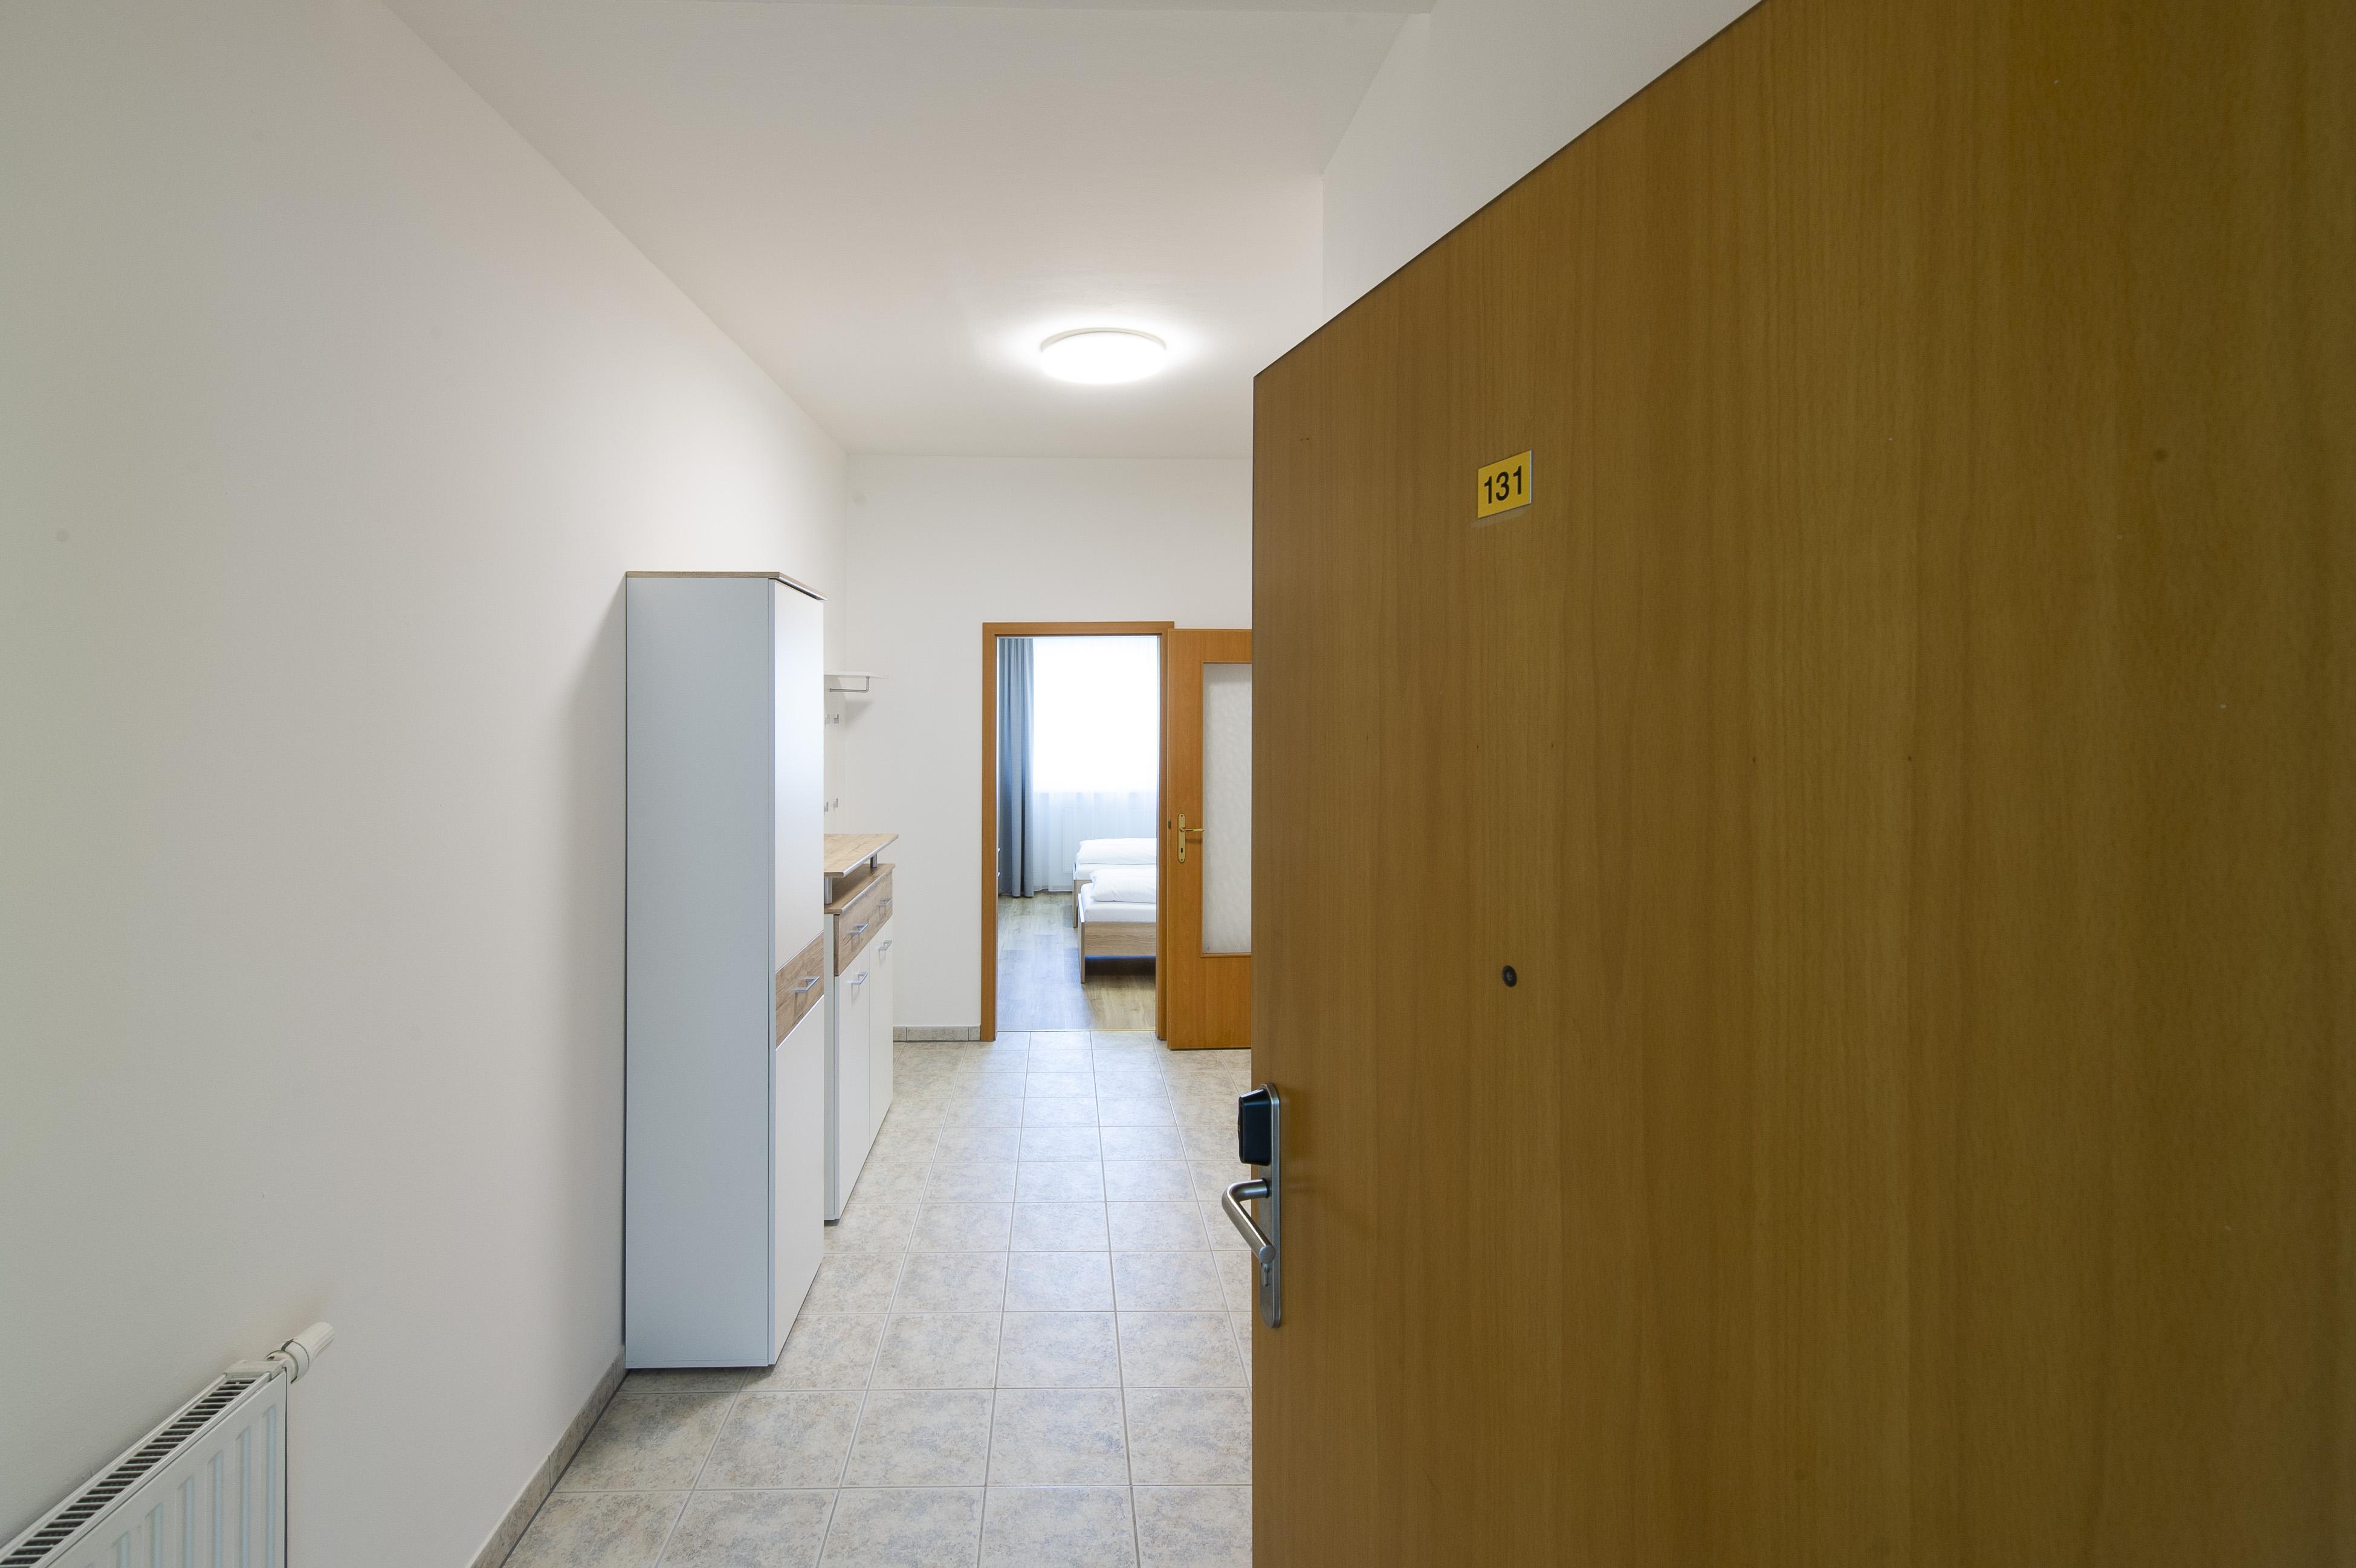 Appartement_Graz_Vorsorgewohnung_ Graz_3_Captura